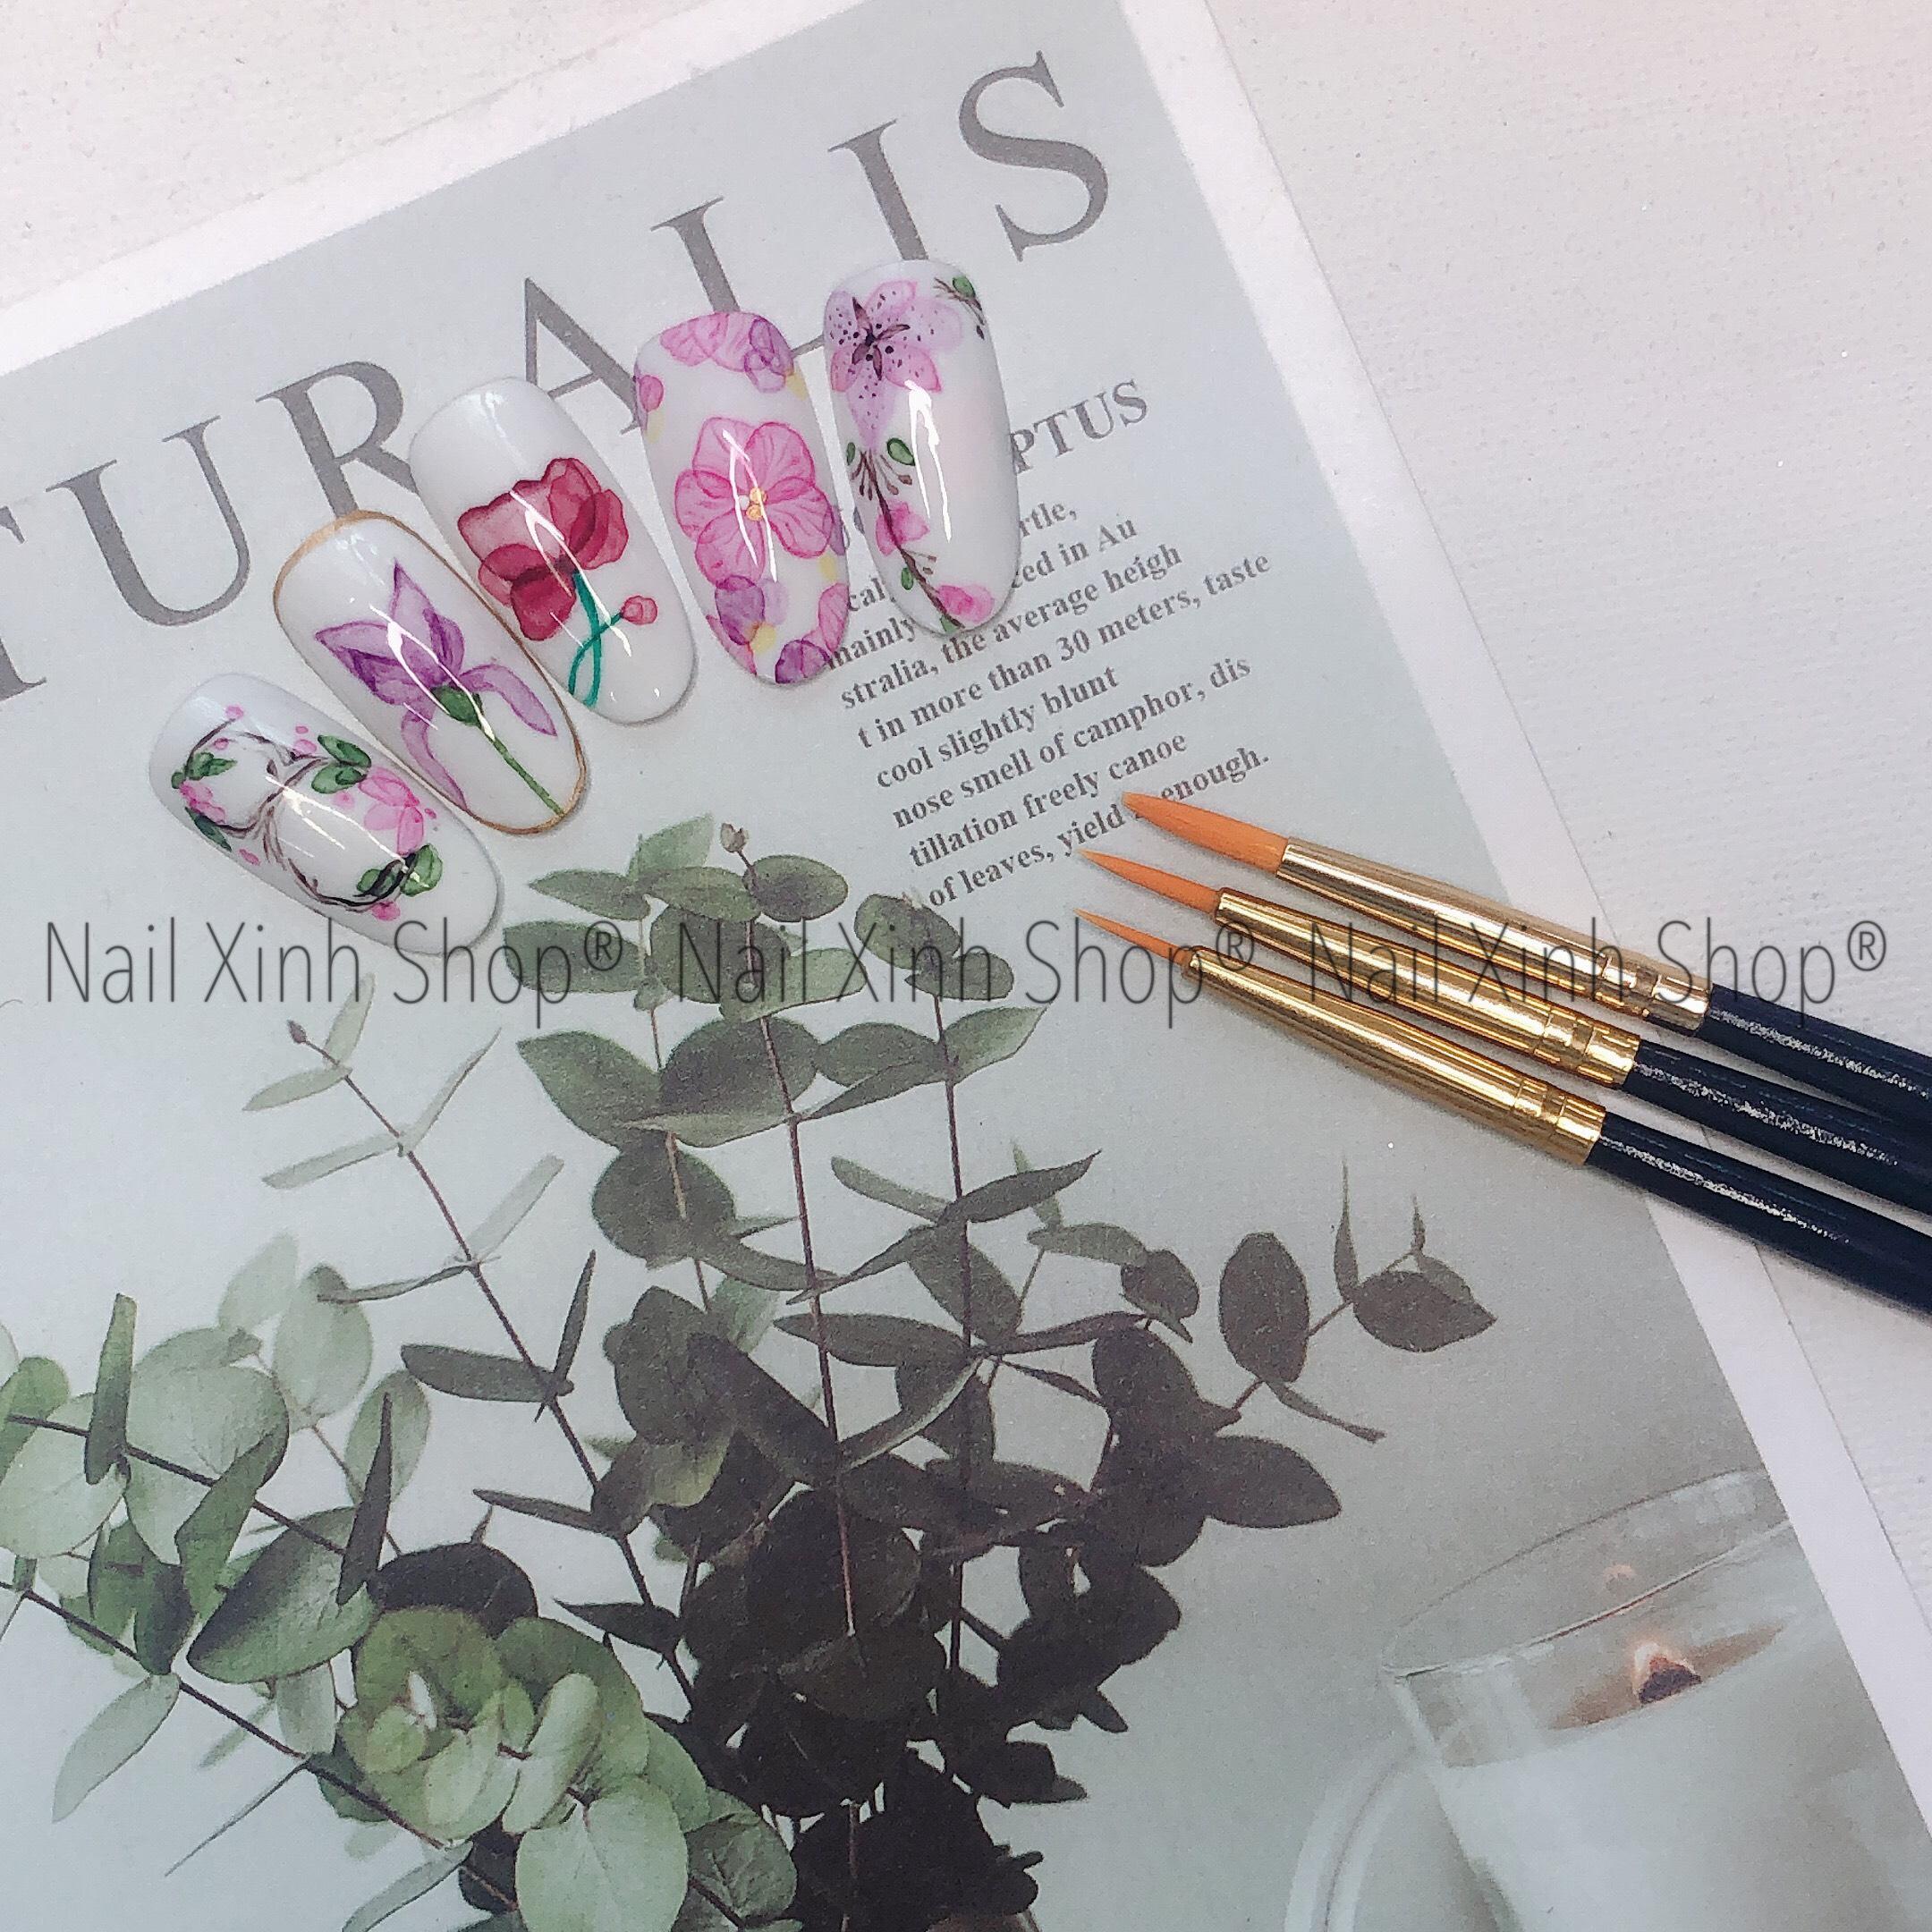 Set cọ vẽ gel 3 nét, tô gel uv da dụng, phụ kiện làm nail chuyên nghiệp (1 set 3 cọ nét mảnh, nét vừa, nét to)